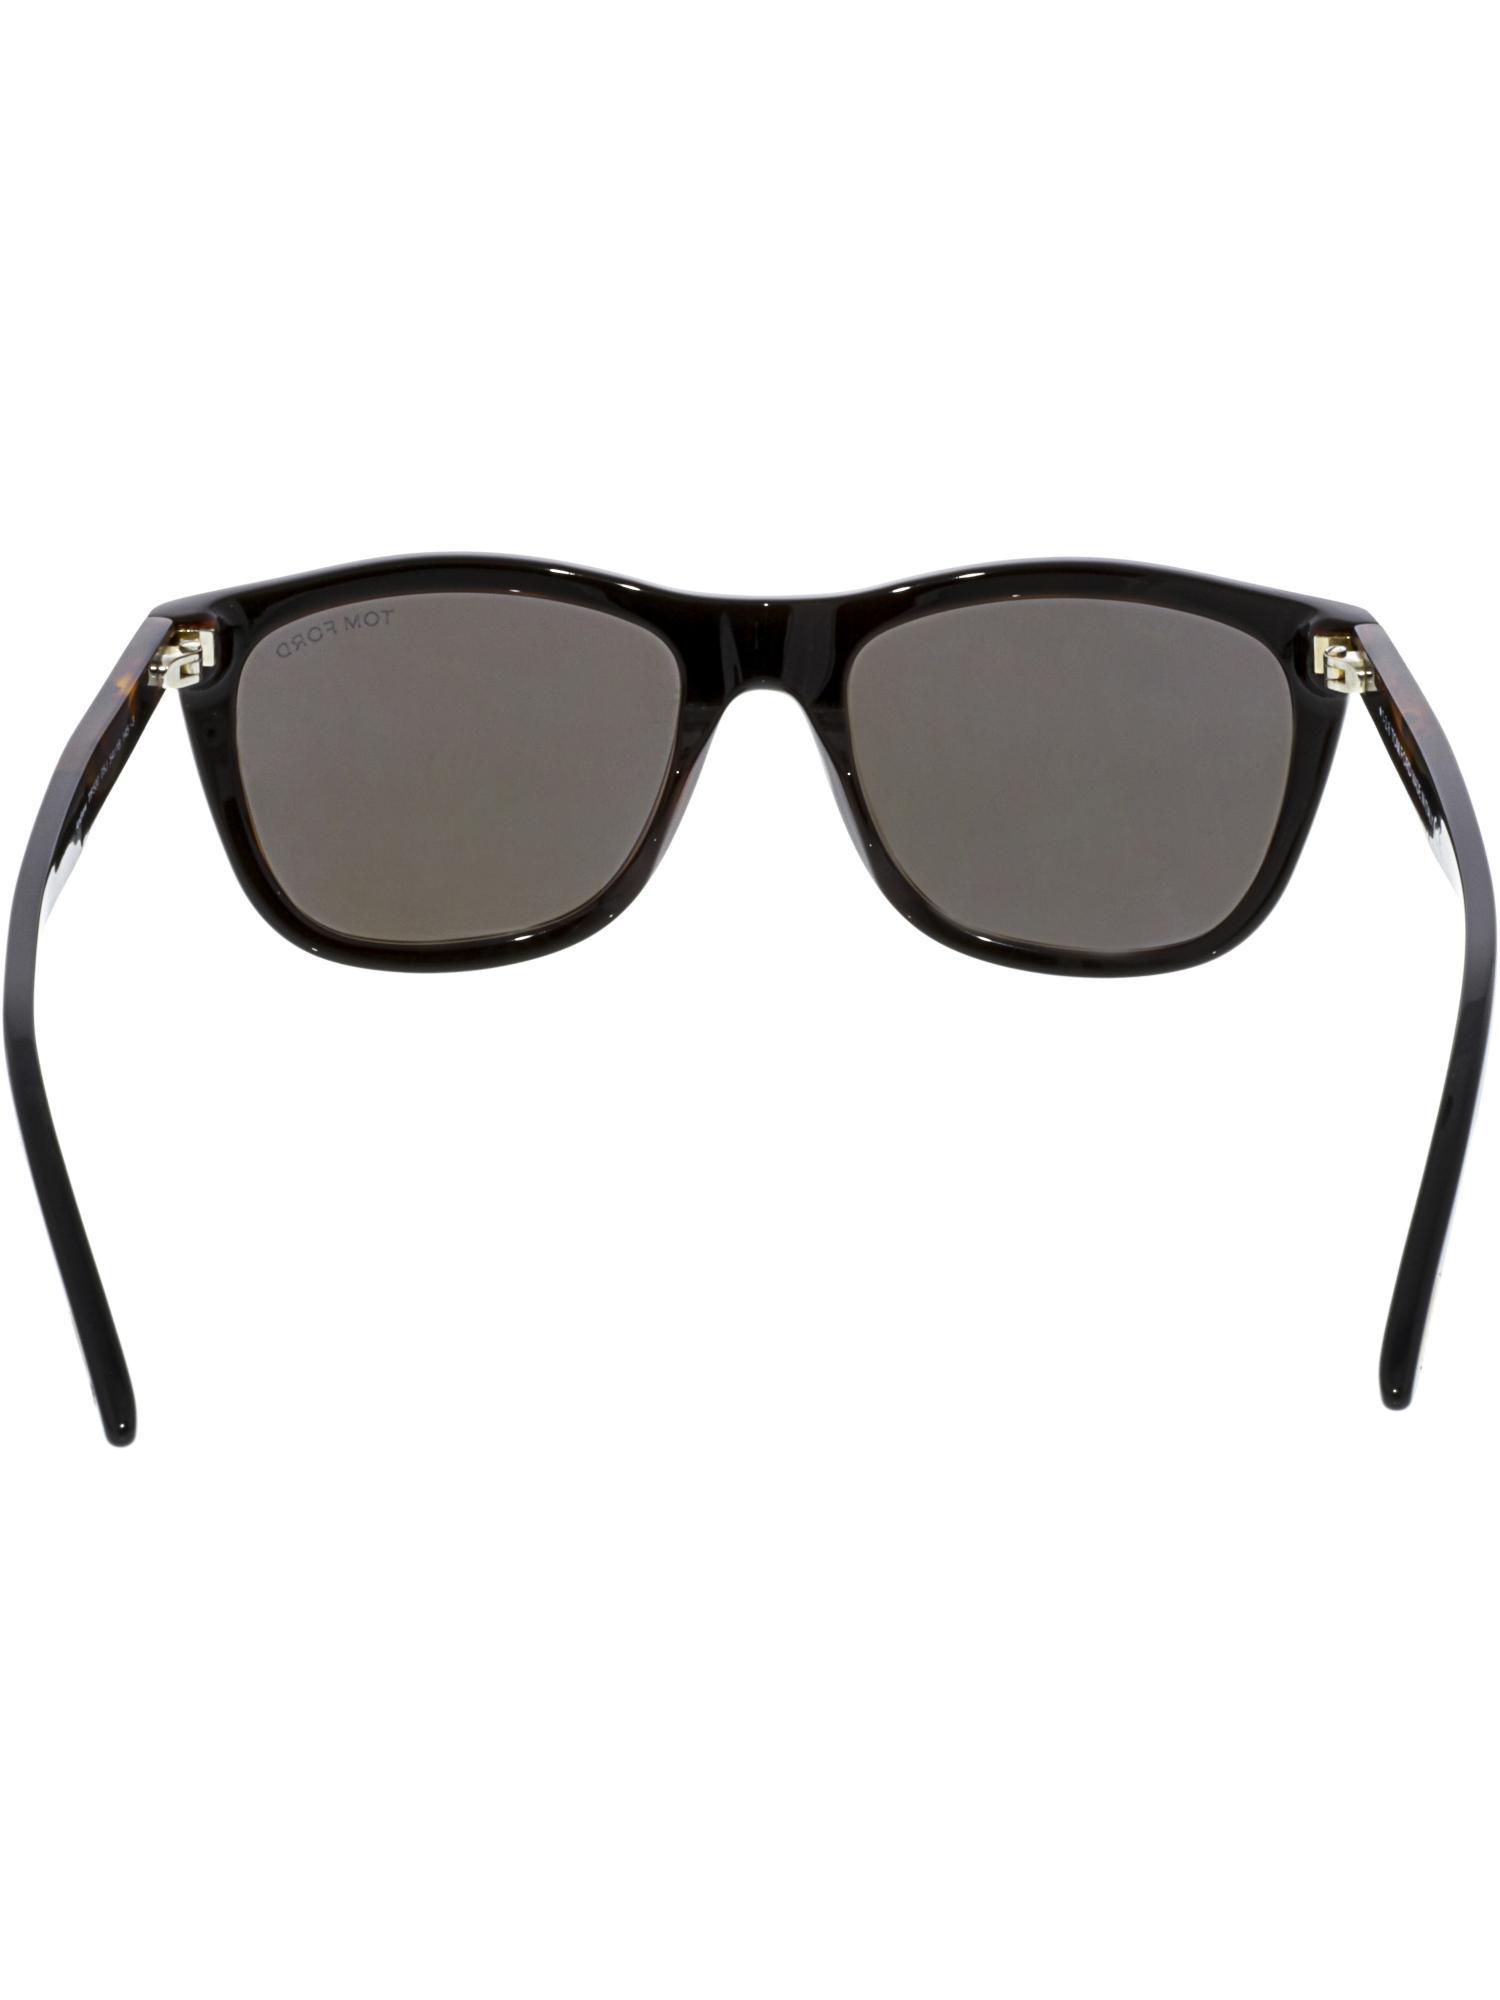 957f77f38e Tom Ford 0500 05j Black Dark Havana Andrew Sunglasses Lens Category ...